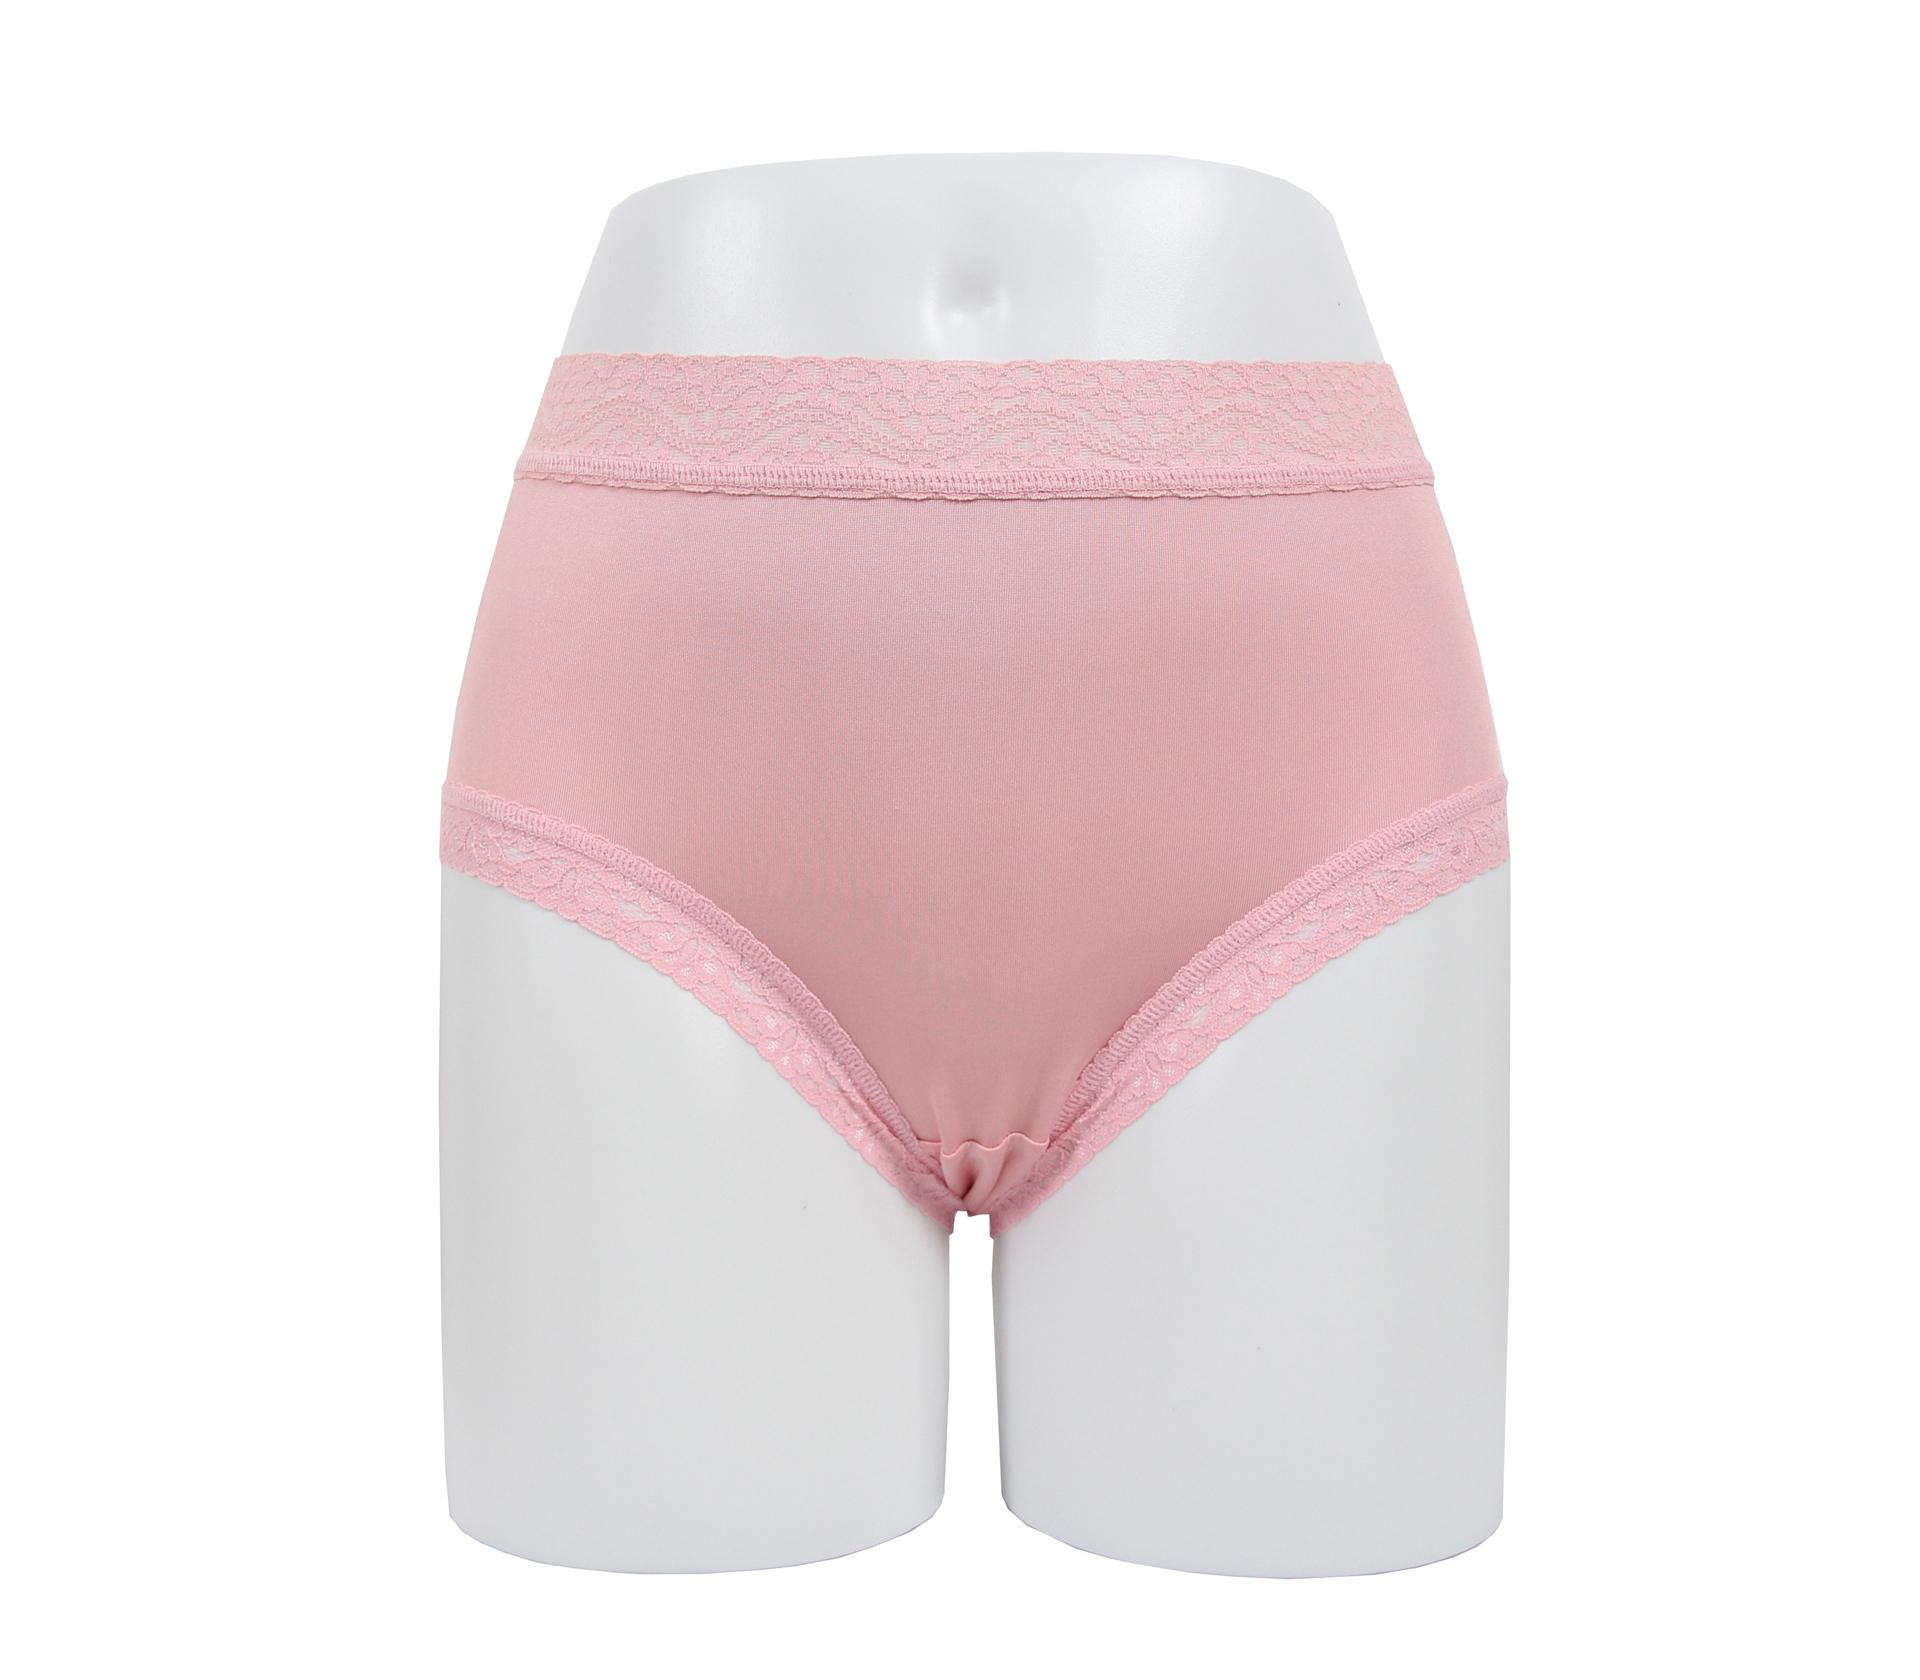 闕蘭絹透氣溫柔30針100%蠶絲內褲 - 88911 (粉)